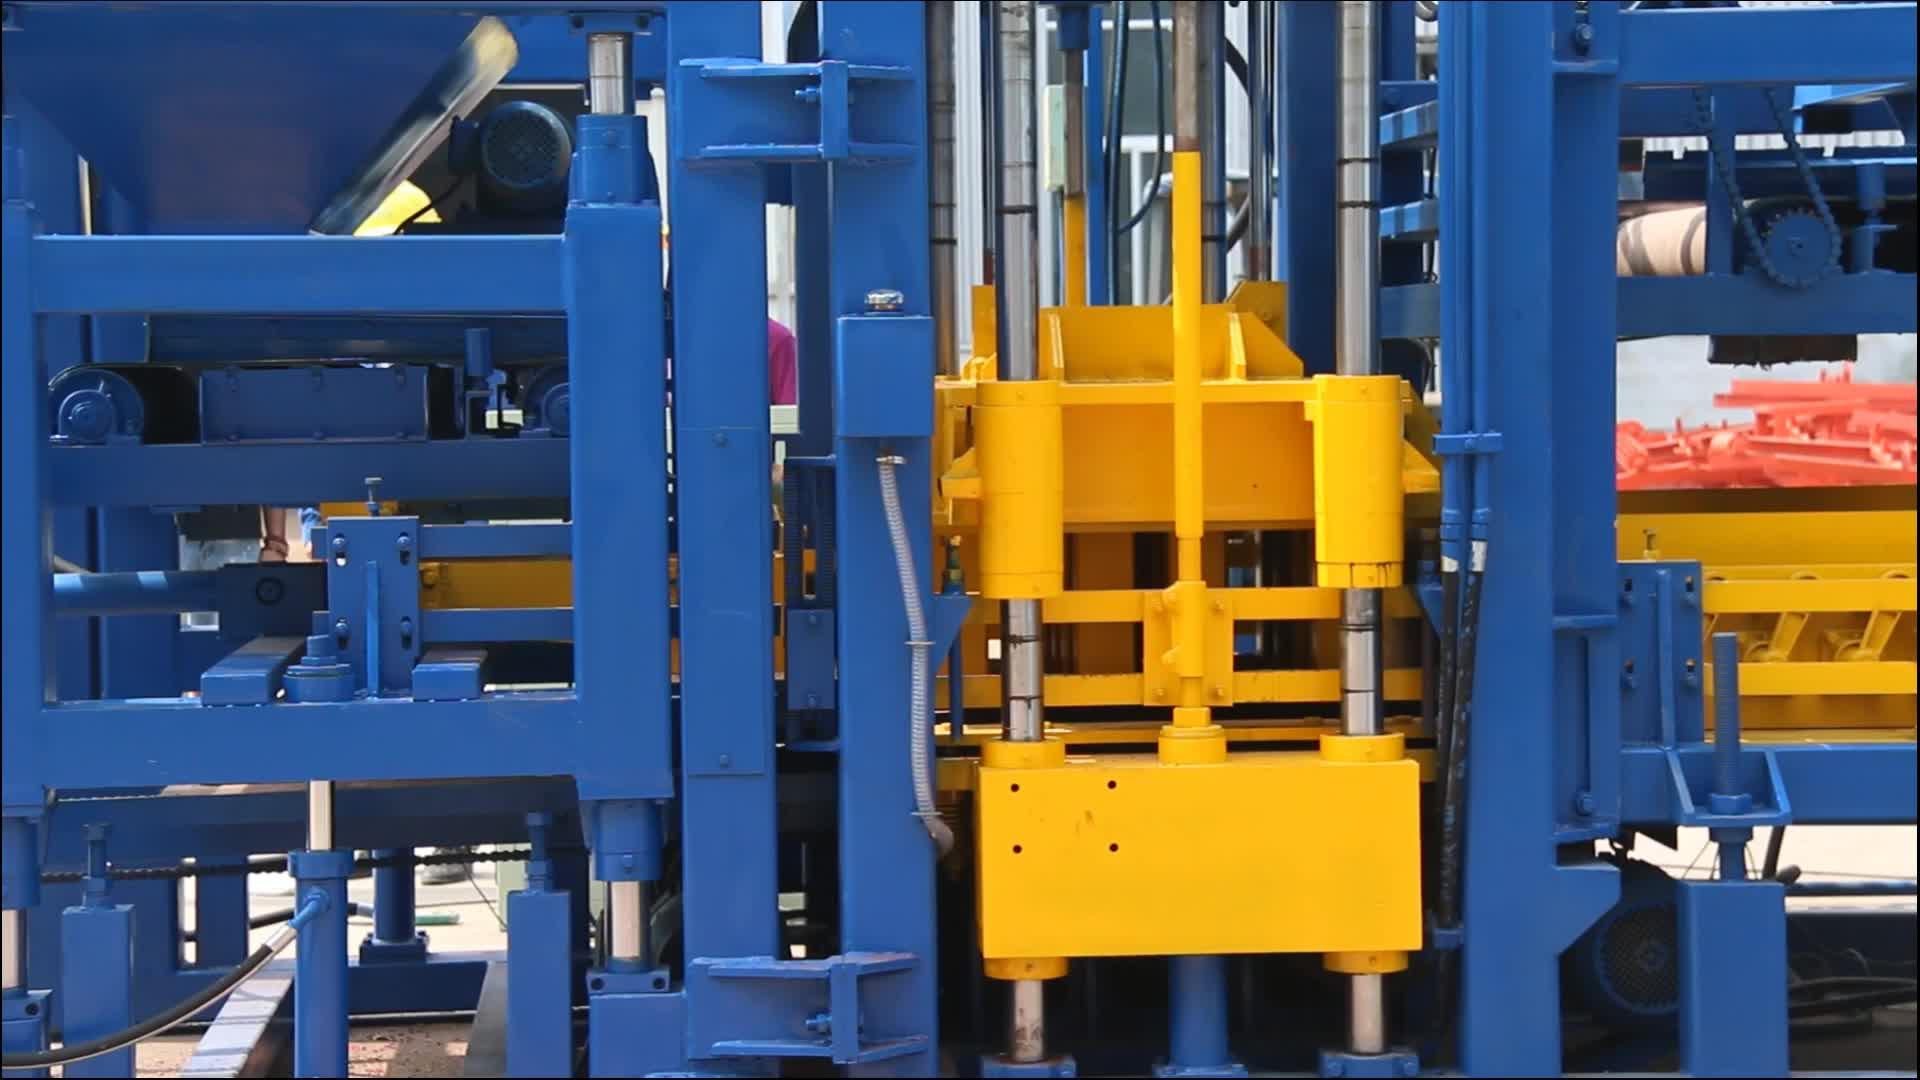 T9-15 yüksek kaliteli otomatik çimento beton içi boş katı kilitli finişer blok yapma makinesi fiyat Jamaika